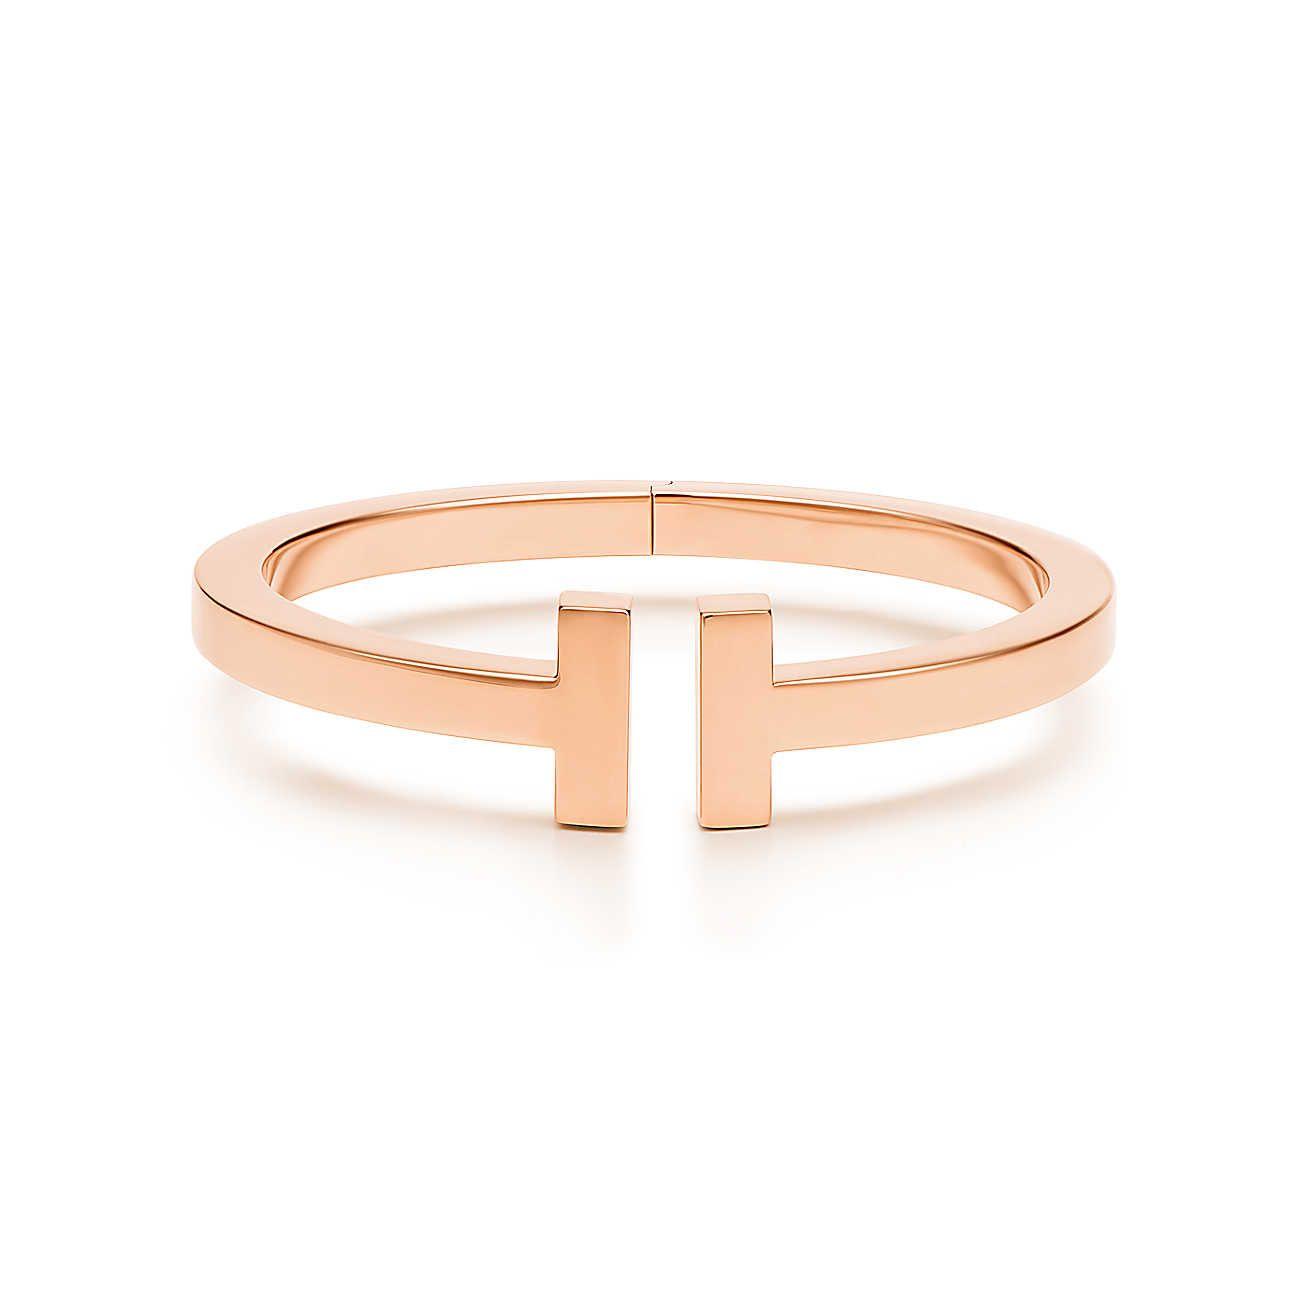 12669143a Square Bracelet   Everrr   Tiffany t, Tiffany bracelets, Silver ...